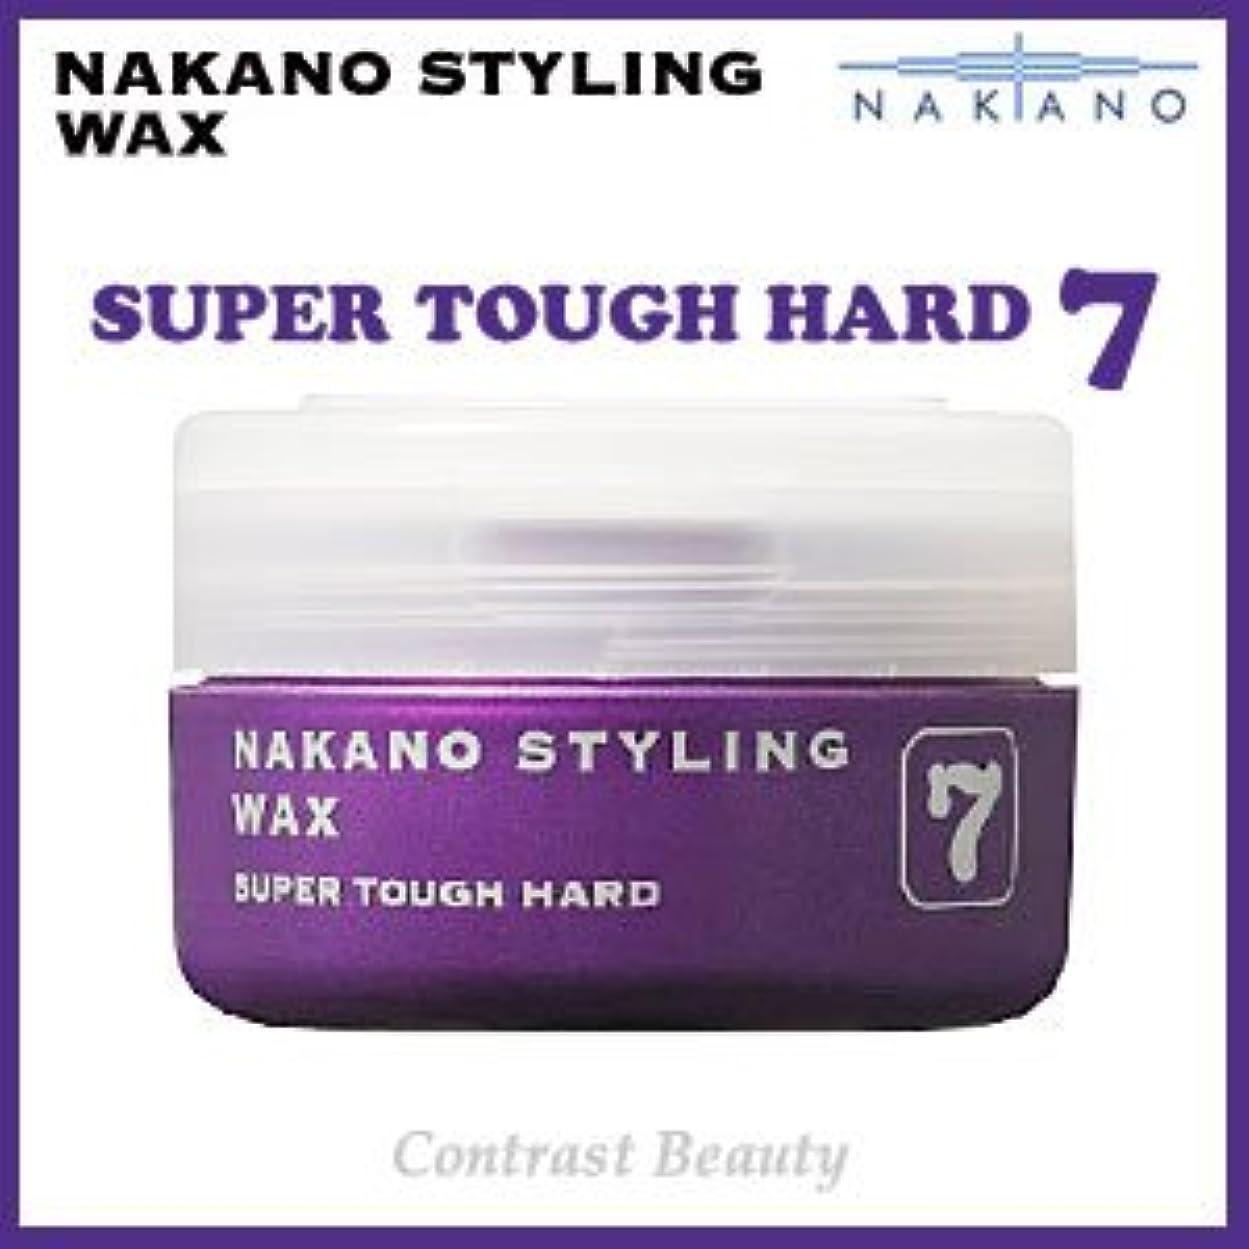 圧縮小さな気づかない【X4個セット】 ナカノ スタイリング ワックス 7 スーパータフハード 90g ?ナカノスタイリングワックス2002? 【スタイリング STYLING NAKANO 中野製薬株式会社 NAKANO】